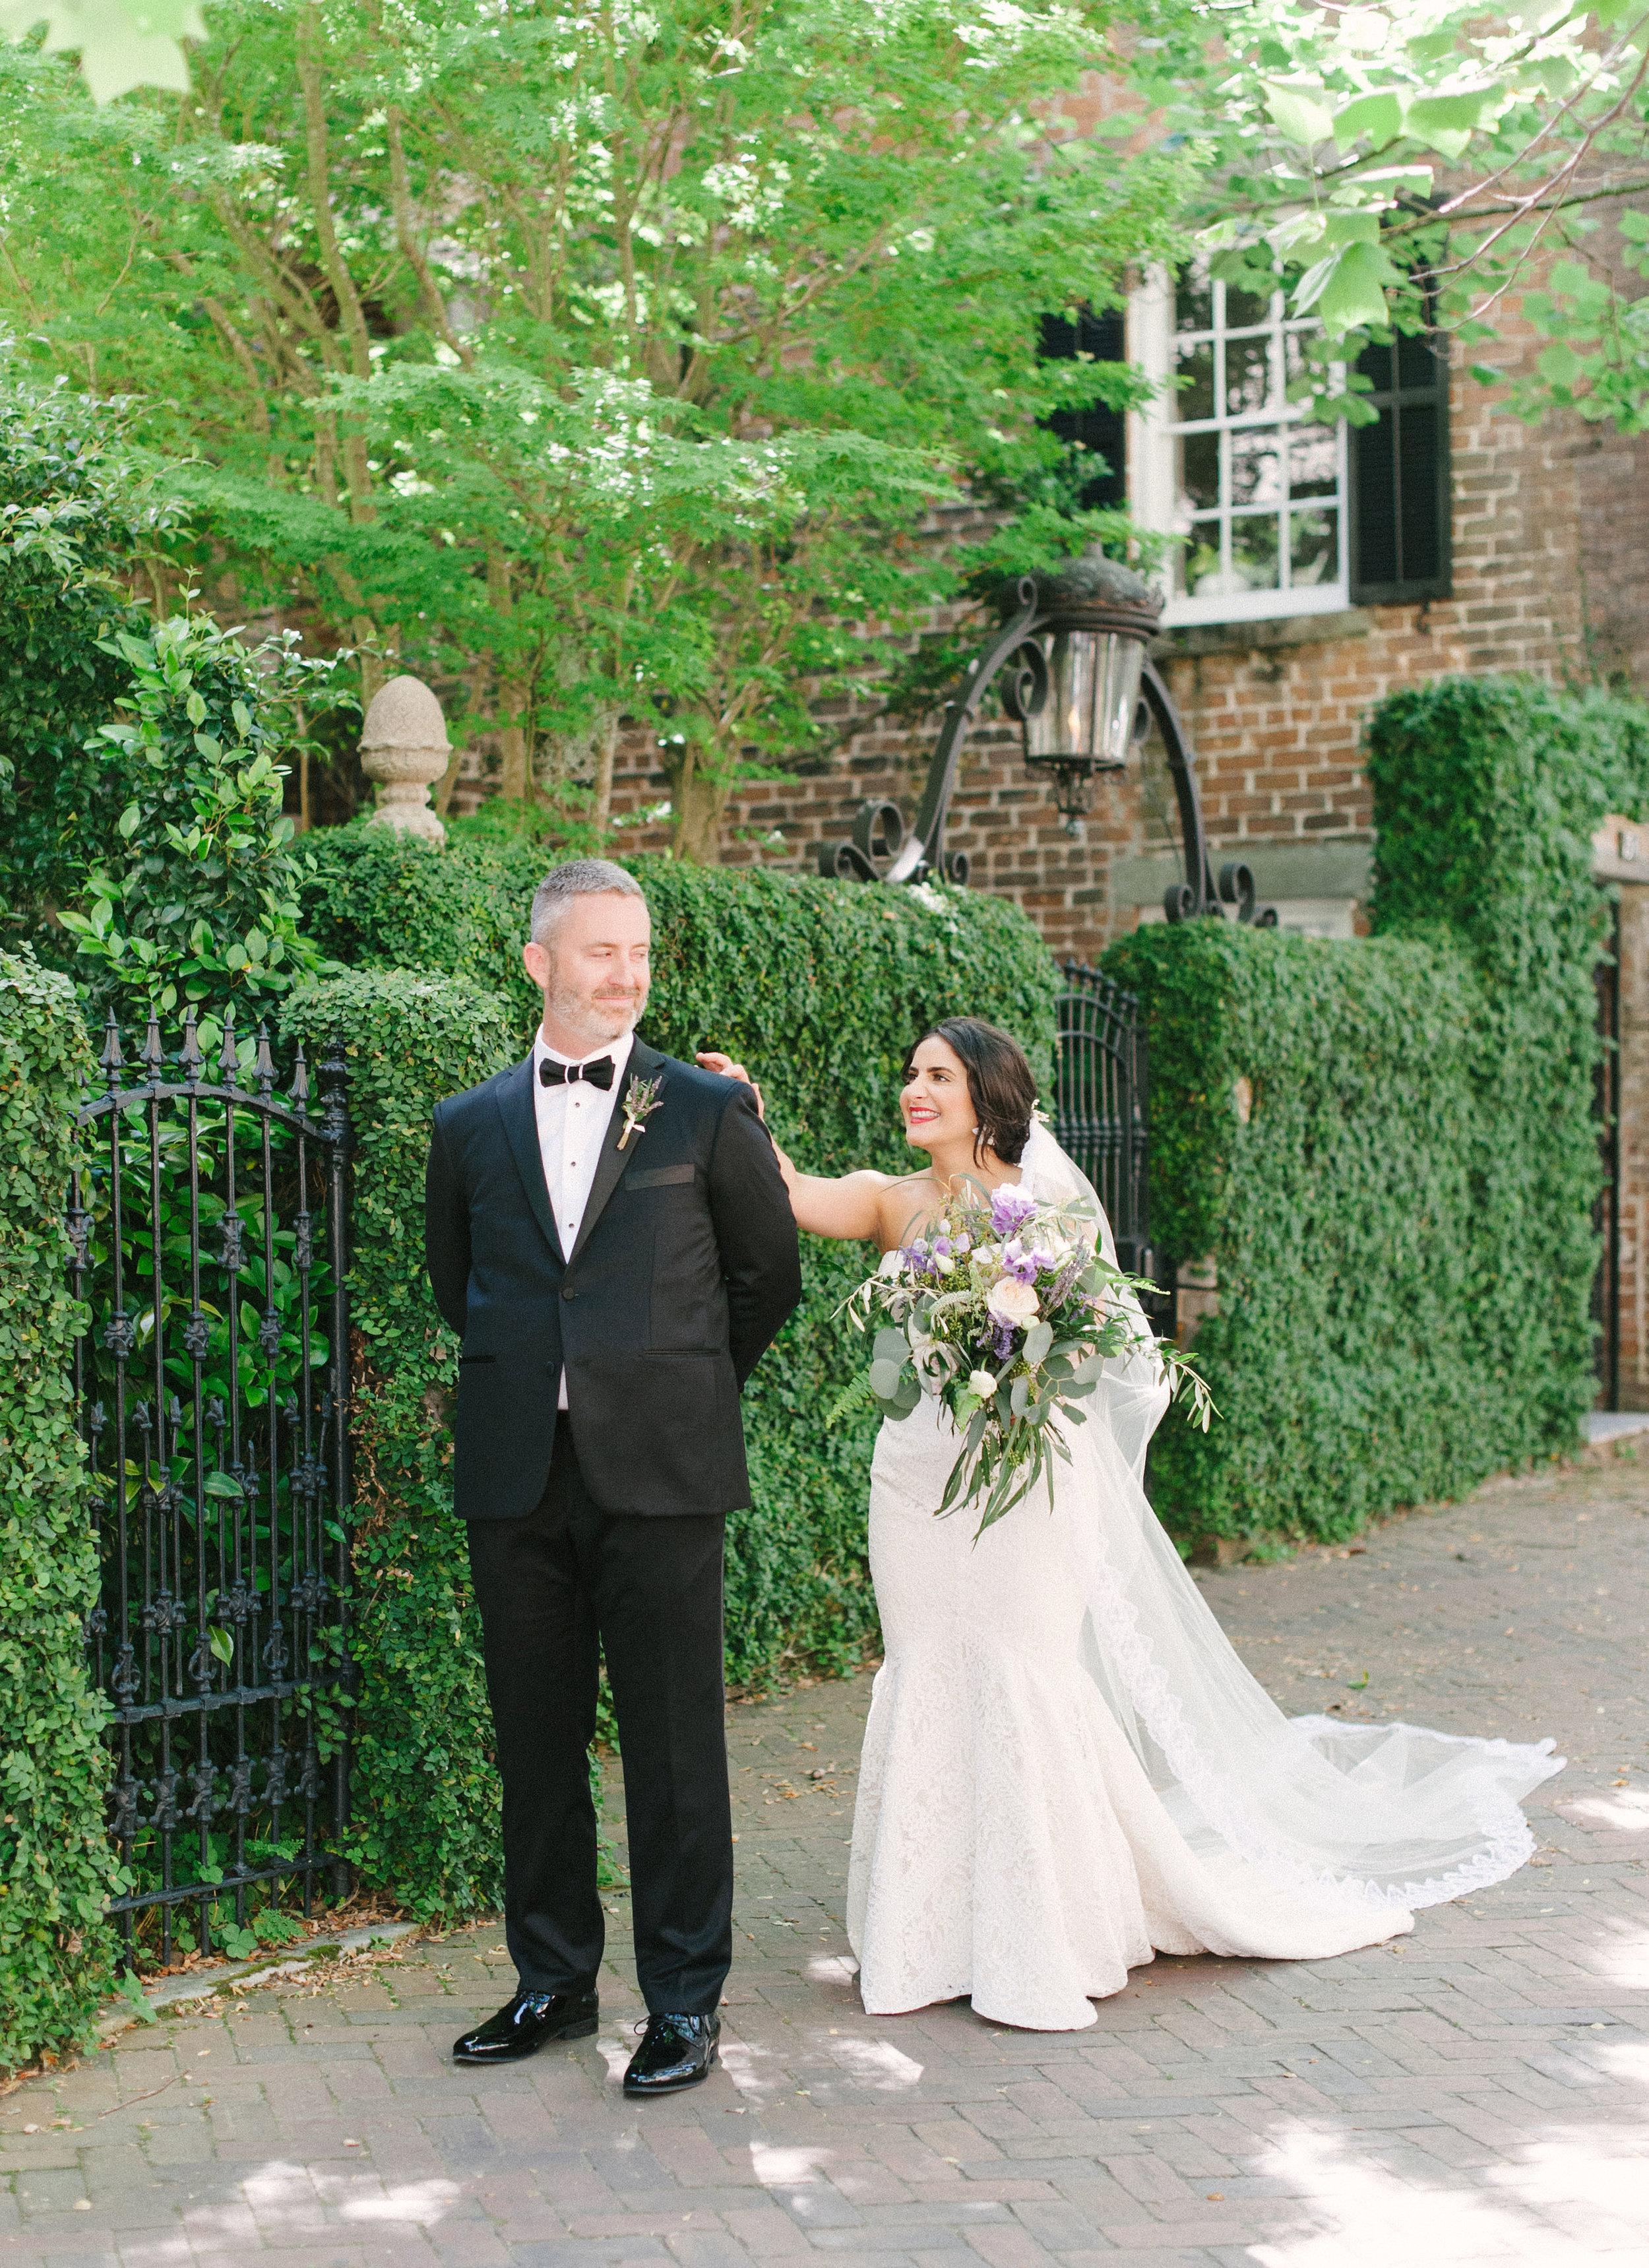 19-ivory-and-beau-bridal-boutique-wedding-dress-bridal-shop-alexjanelle_joshmorehousephotography-104.jpg